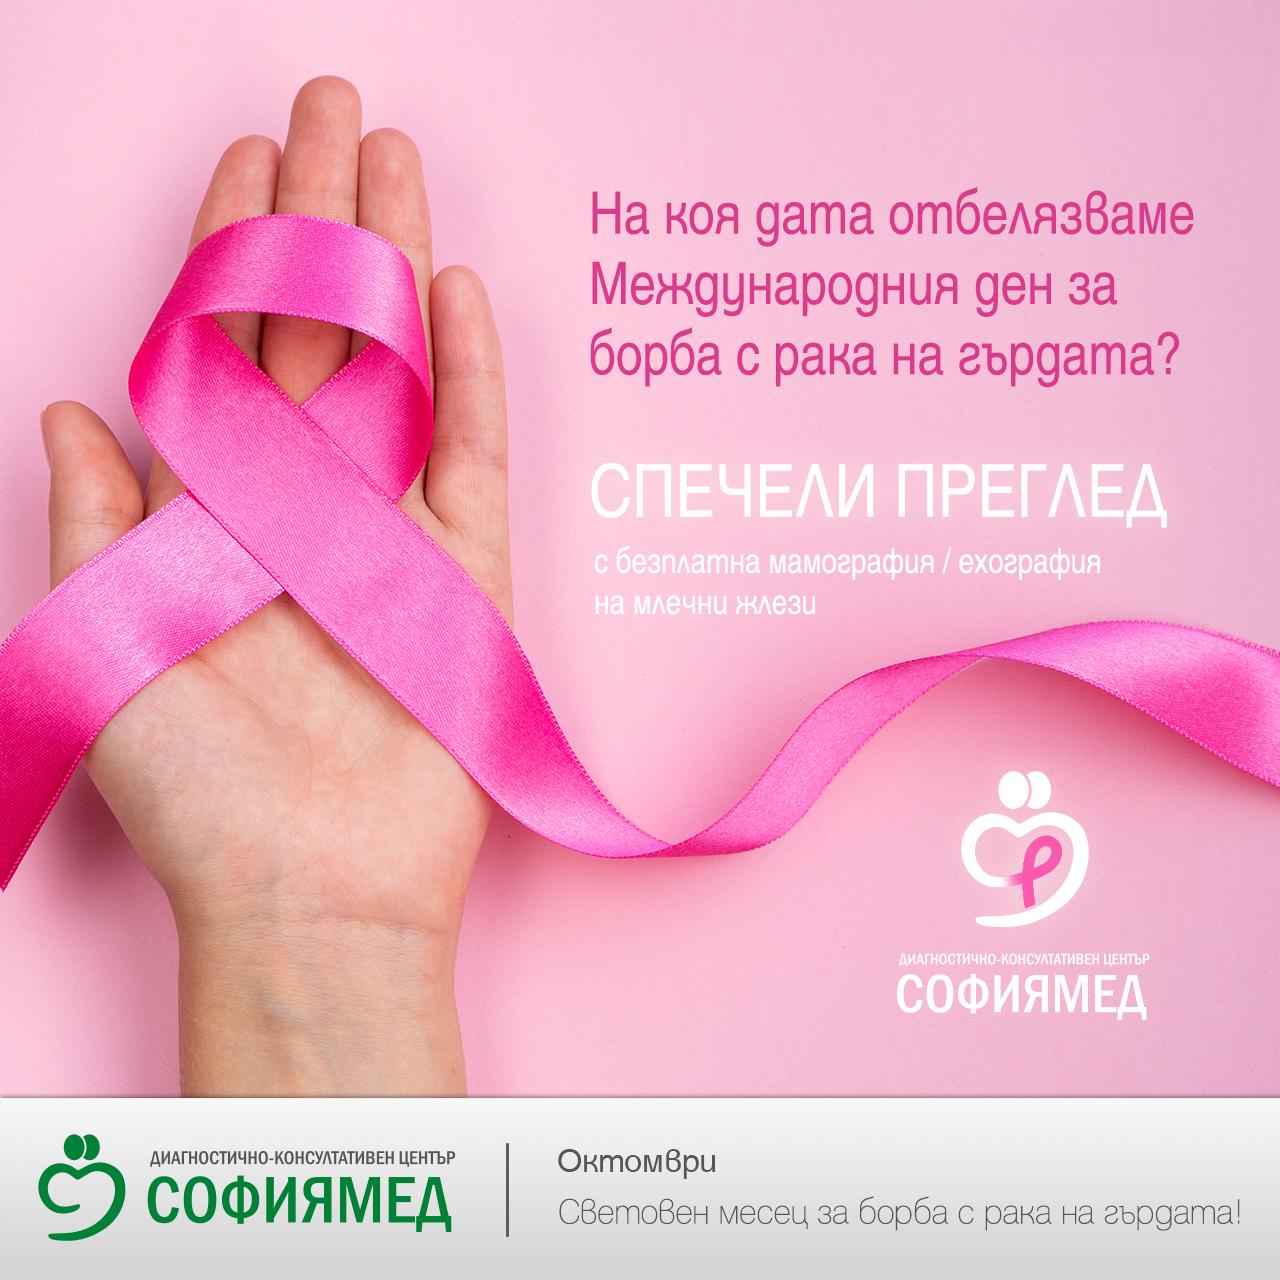 """Безплатни прегледи за рак на гърдата и в ДКЦ """"Софиямед"""""""